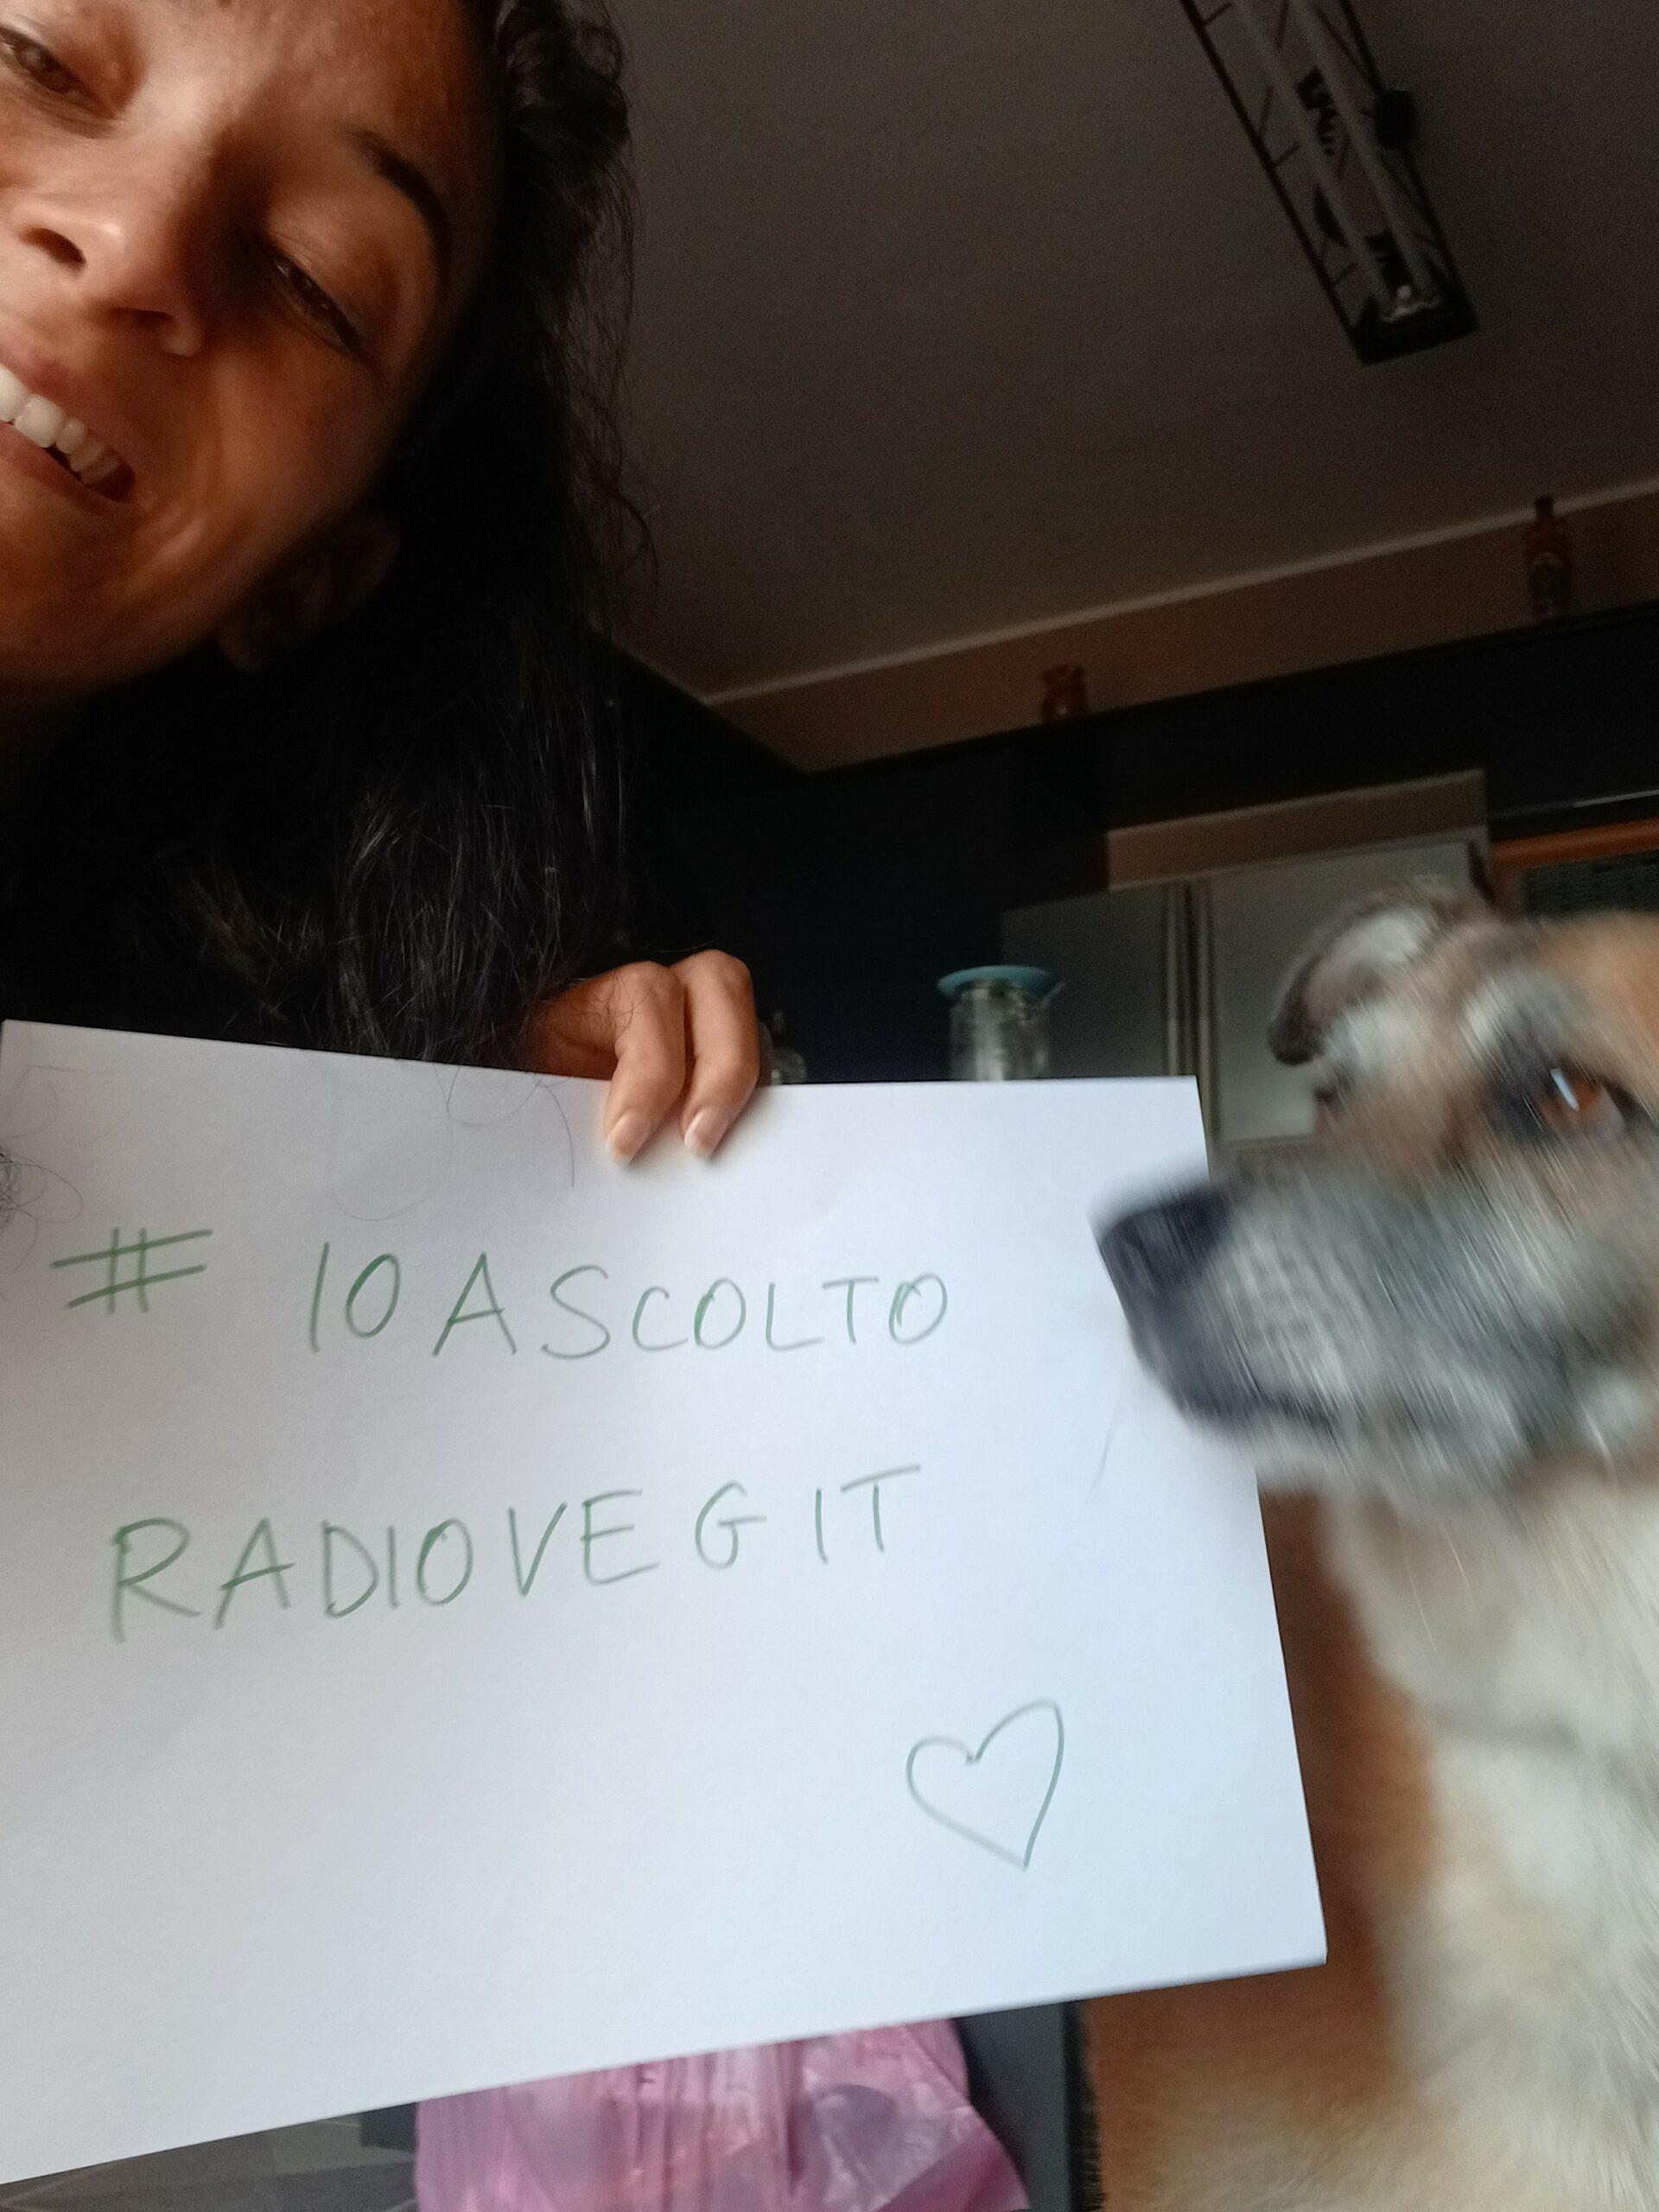 #ioascoltoradiovegit